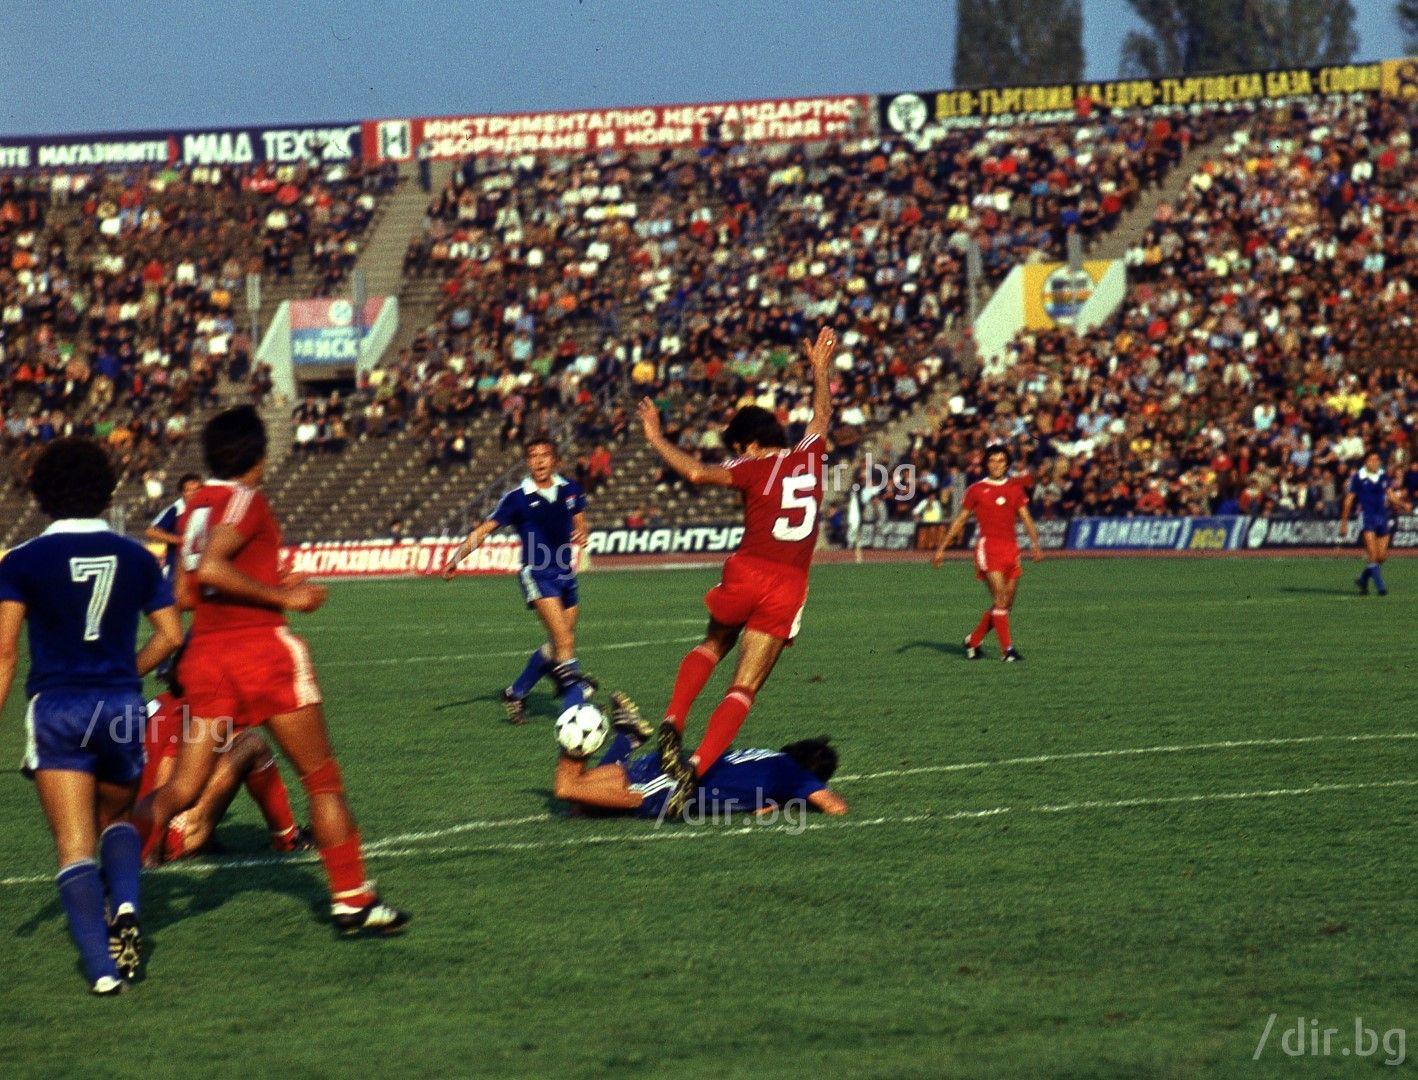 Рядък цветен кадър от дербито в края на 70-те